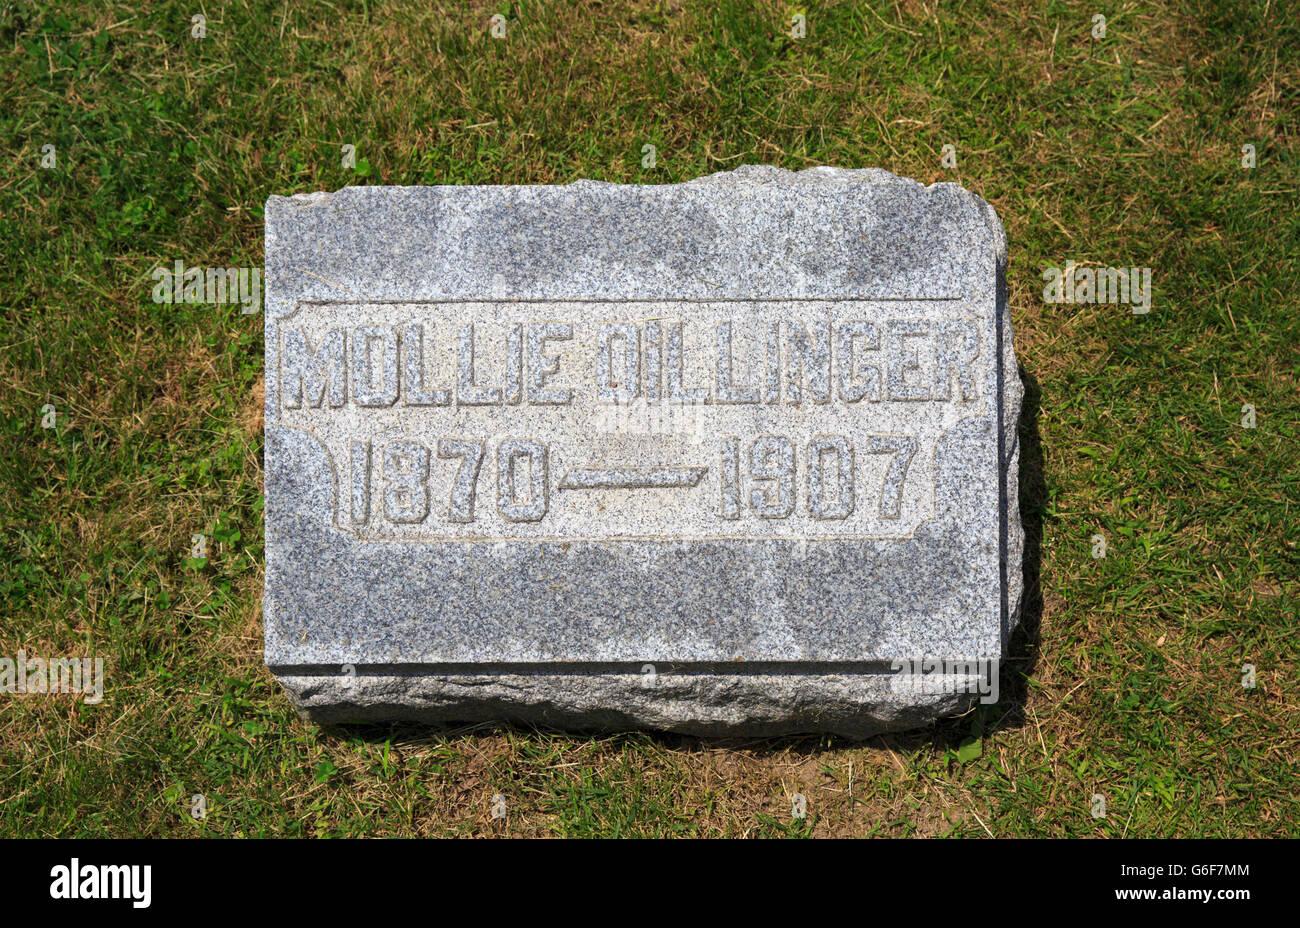 Gravestone of Mary Ellen 'Mollie' Lancaster, mother of John Dillinger, famous American gangster - Stock Image